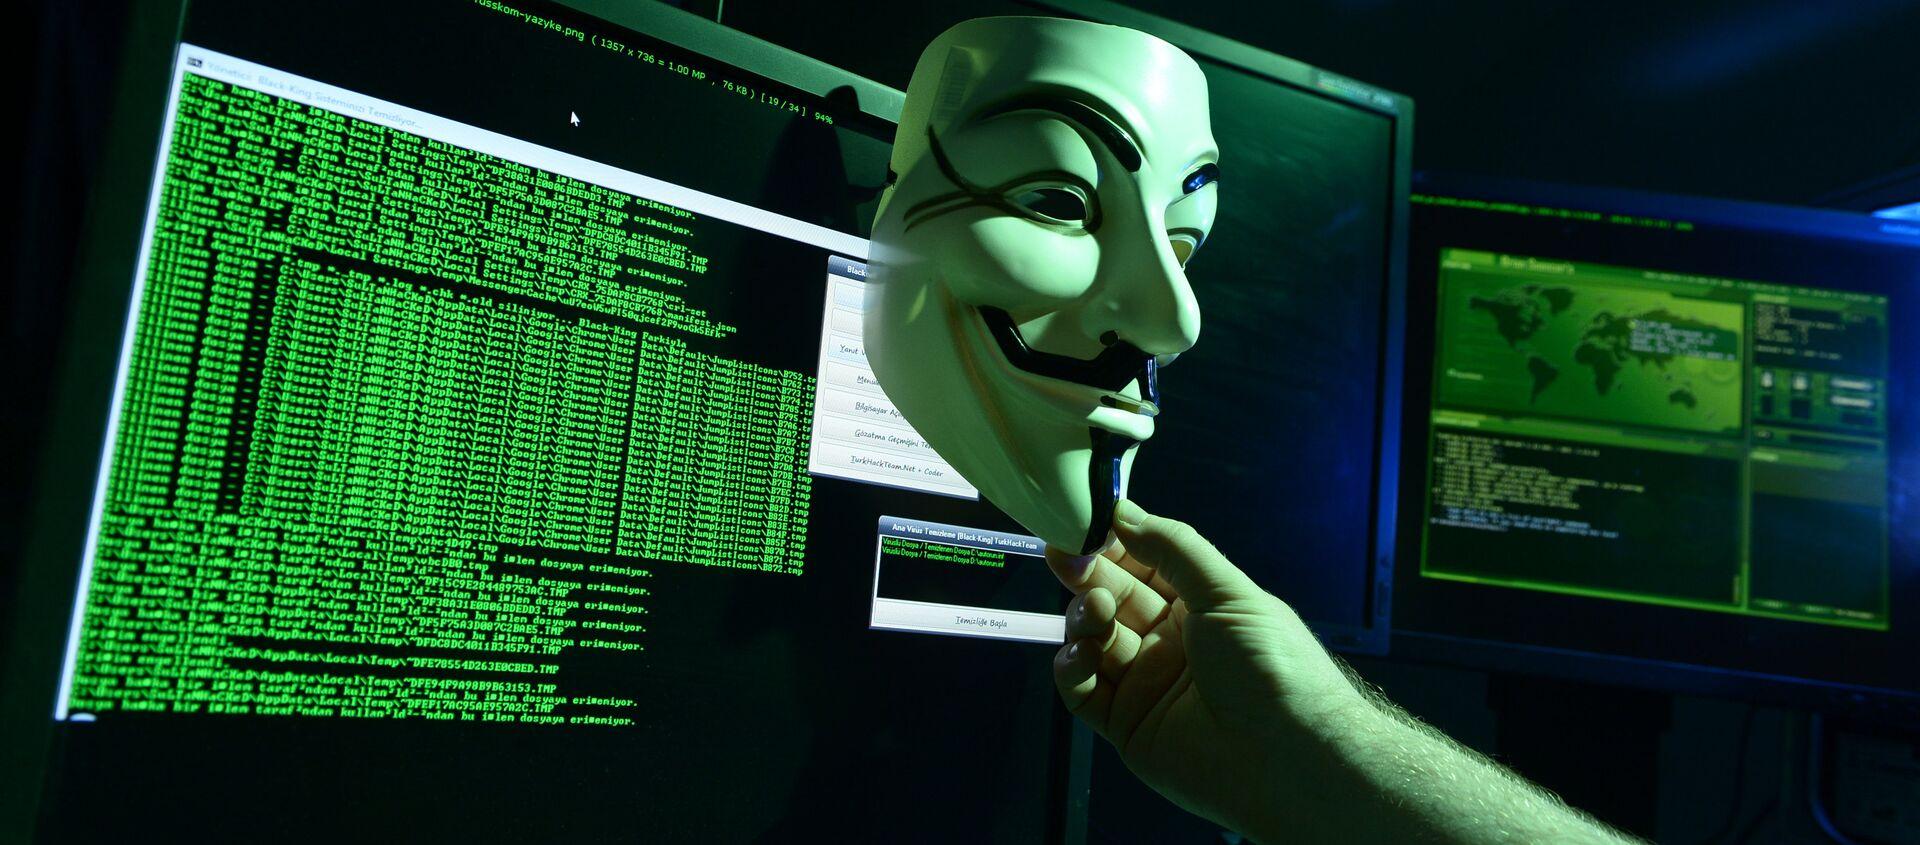 Вирус-вымогатель атаковал IT-системы компаний в разных странах - Sputnik Южная Осетия, 1920, 05.06.2021